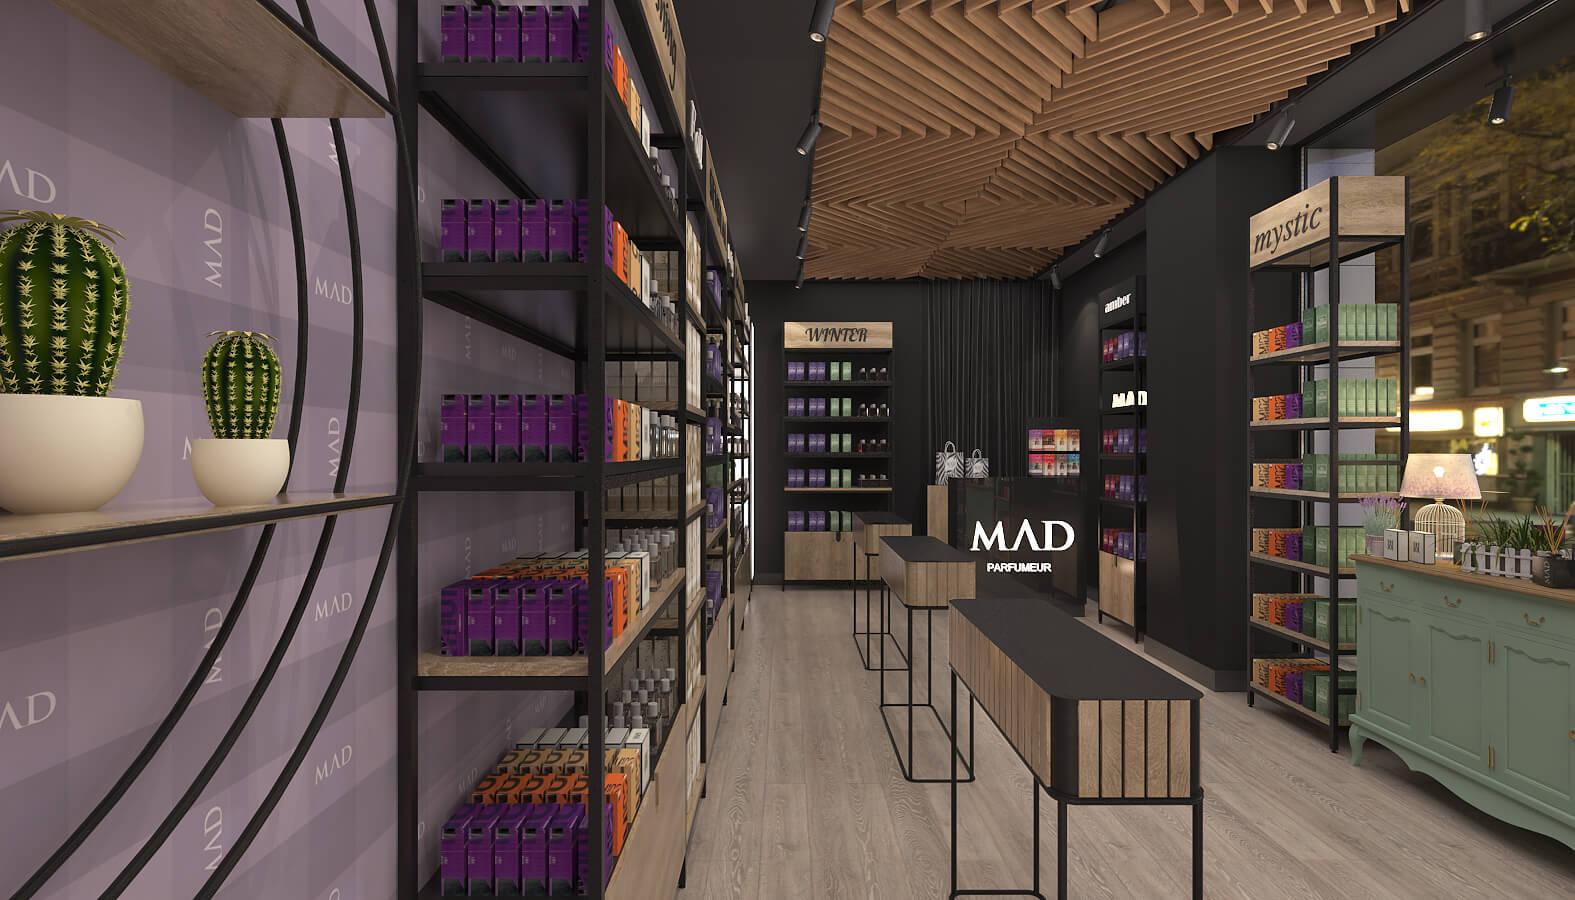 3686 Mad Parfumer Store Retail